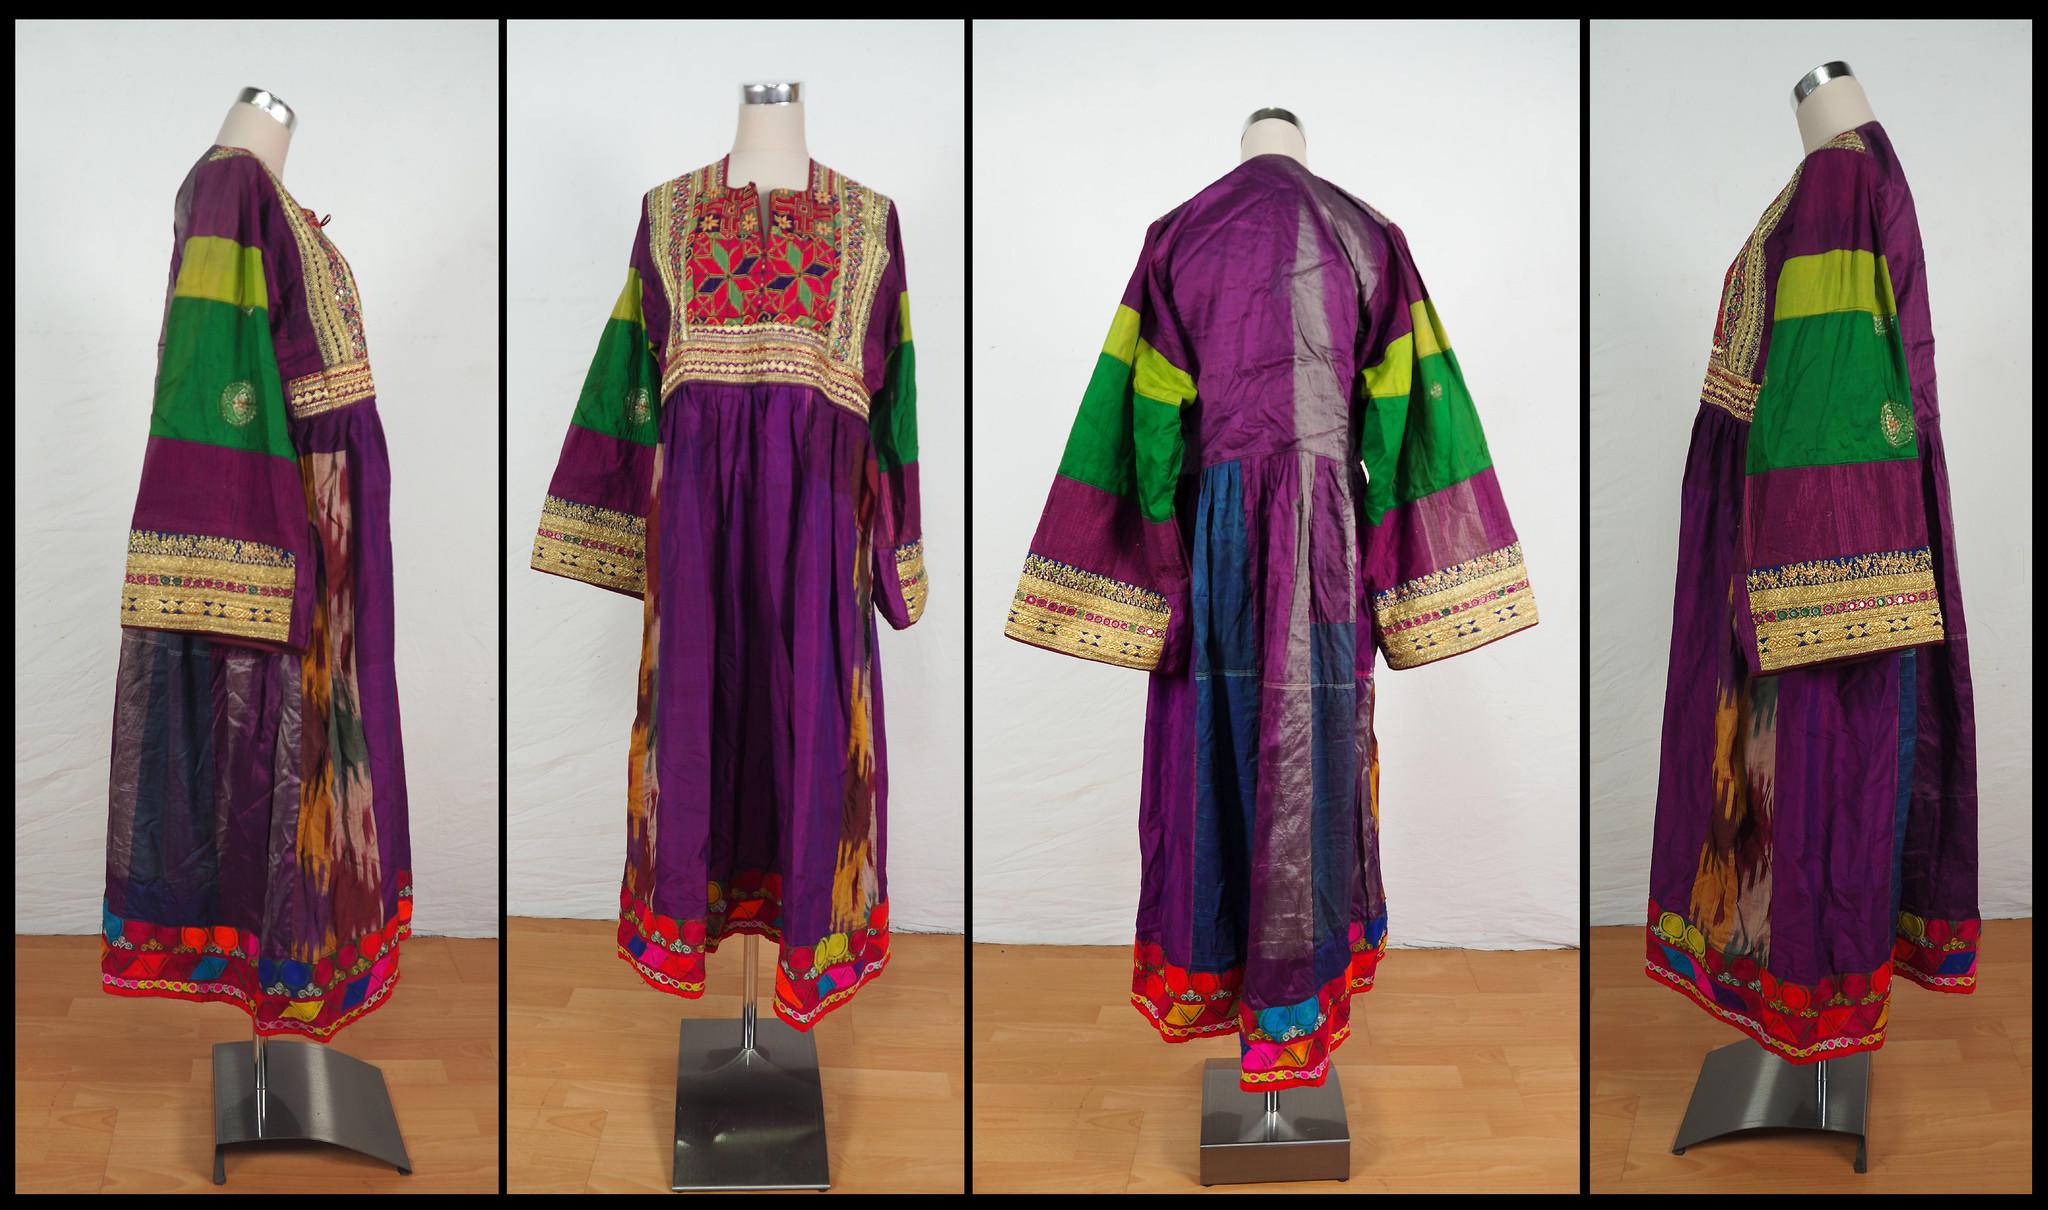 antik Orient Nomaden kuchi frauen Hochzeit Tracht afghan seiden kleid afghanistan hand bestickte kostüm Nr-20/A